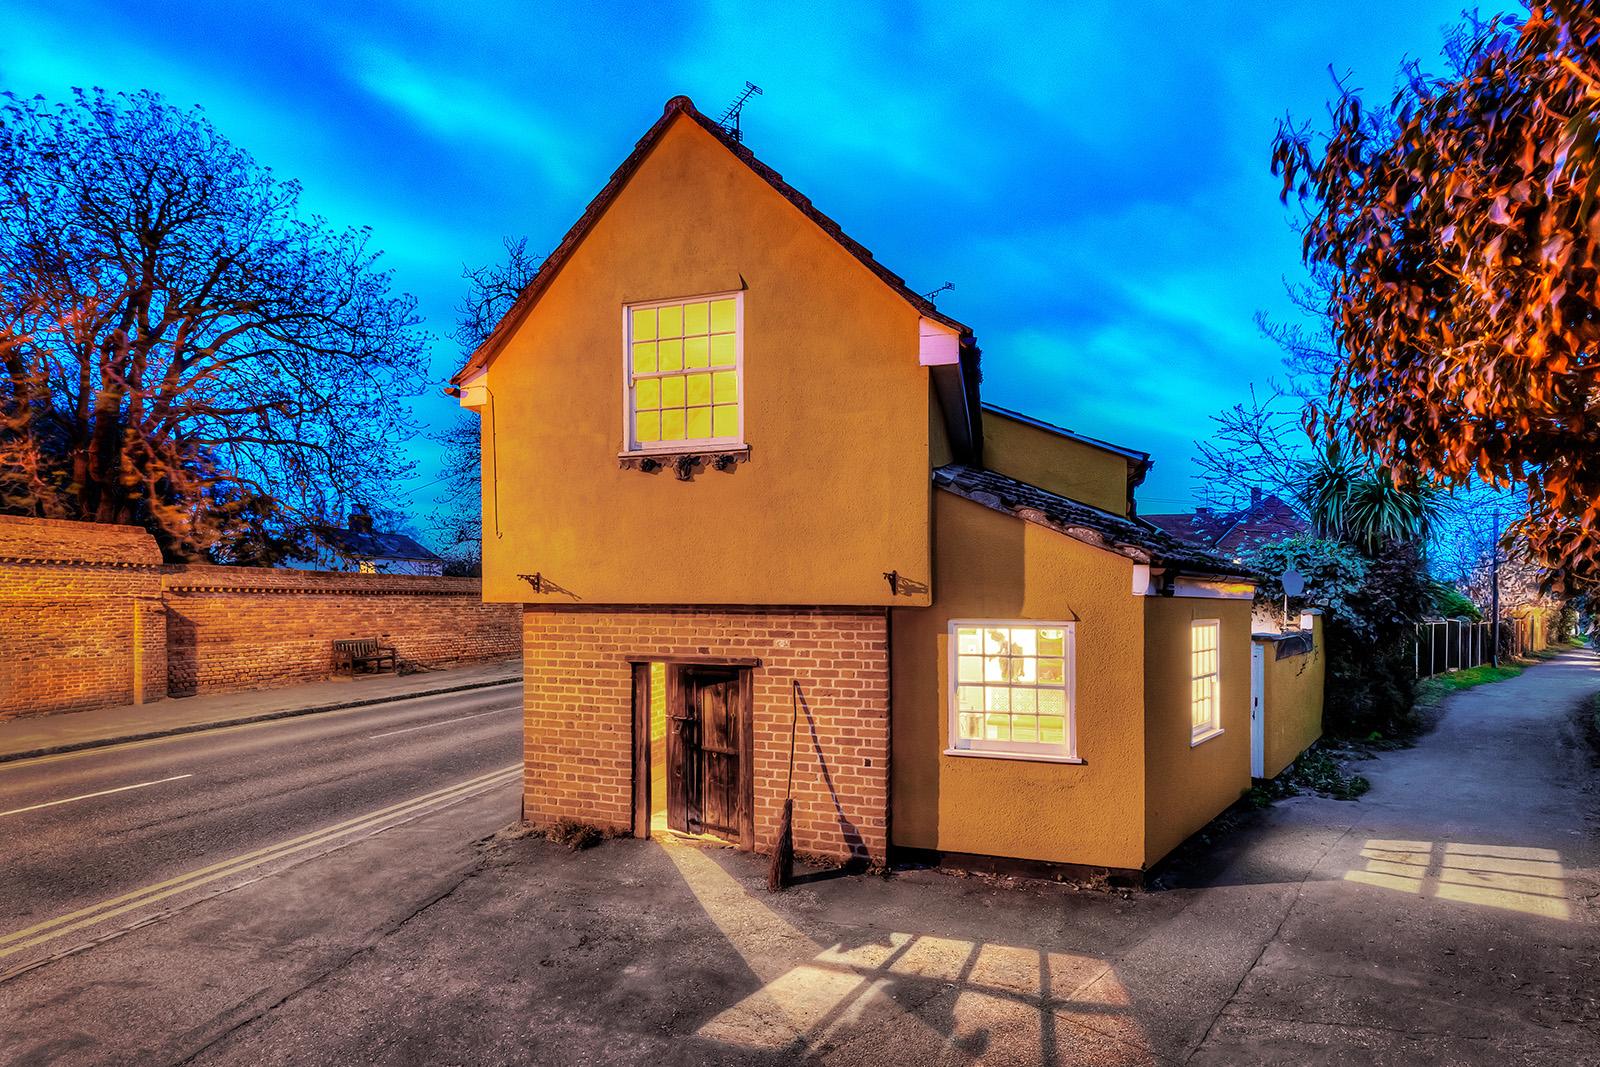 Si tratta di The Cage, a St. Osyth, una delle case incantate più famose della Gran Bretagna